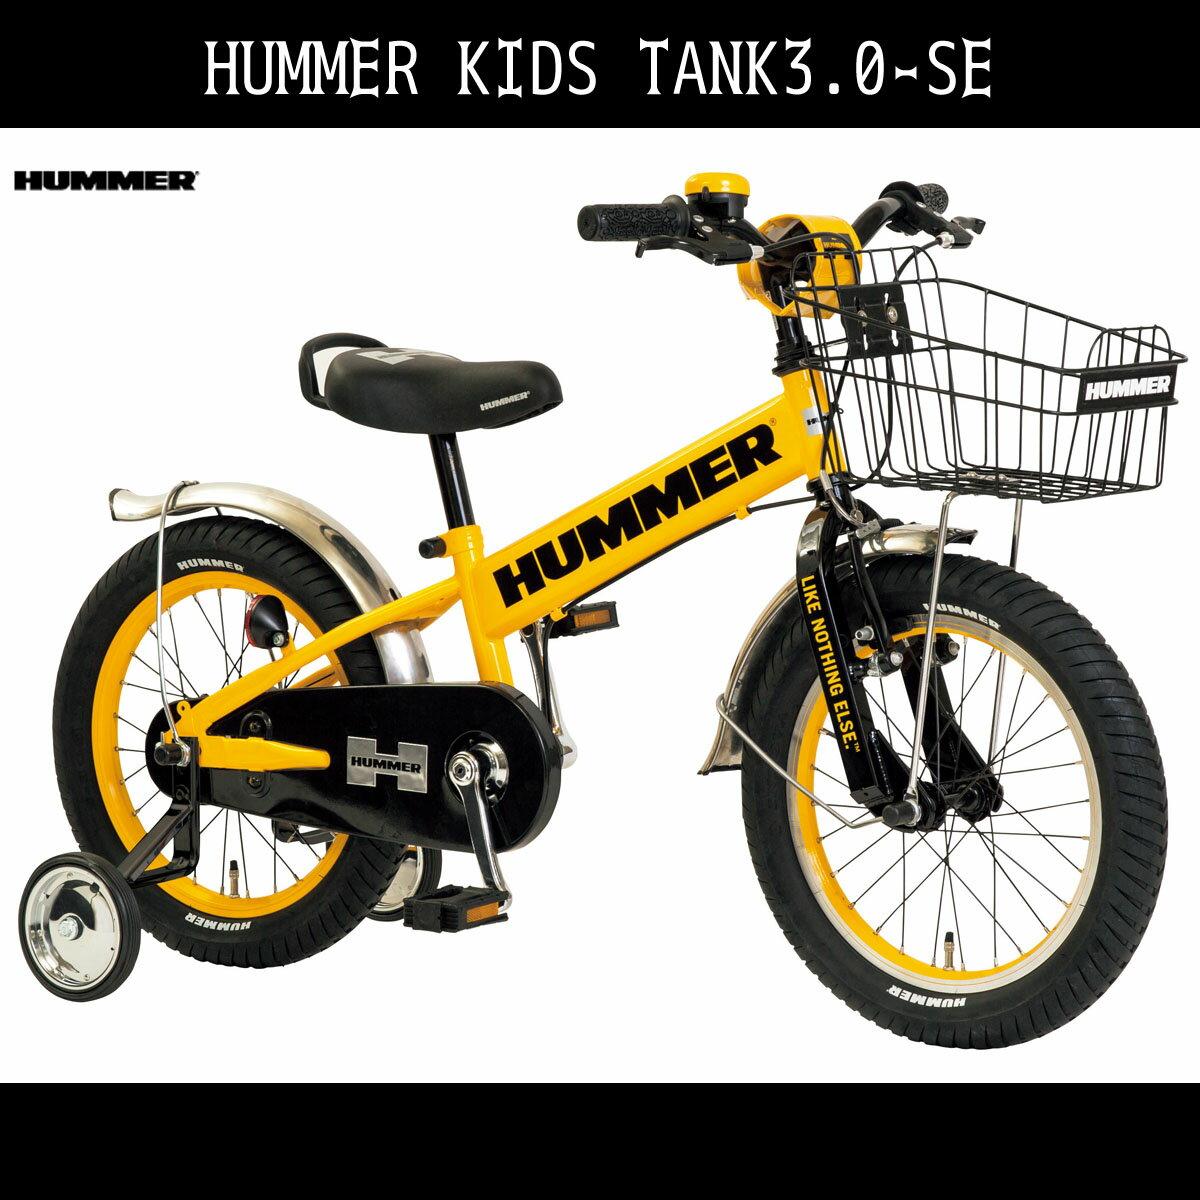 配送先一都三県一部地域限定送料無料 KID'S TANK3.0-SE HUMMER ハマー かご付ハマー 泥除け 補助輪 ギアなし 自転車 イエロー/黄色16インチ 自転車 子ども用 自転車 補助輪付き 幼児 自転車 マウンテンバイク 子供用 自転車 ジュニア 自転車 キッズ おしゃれ